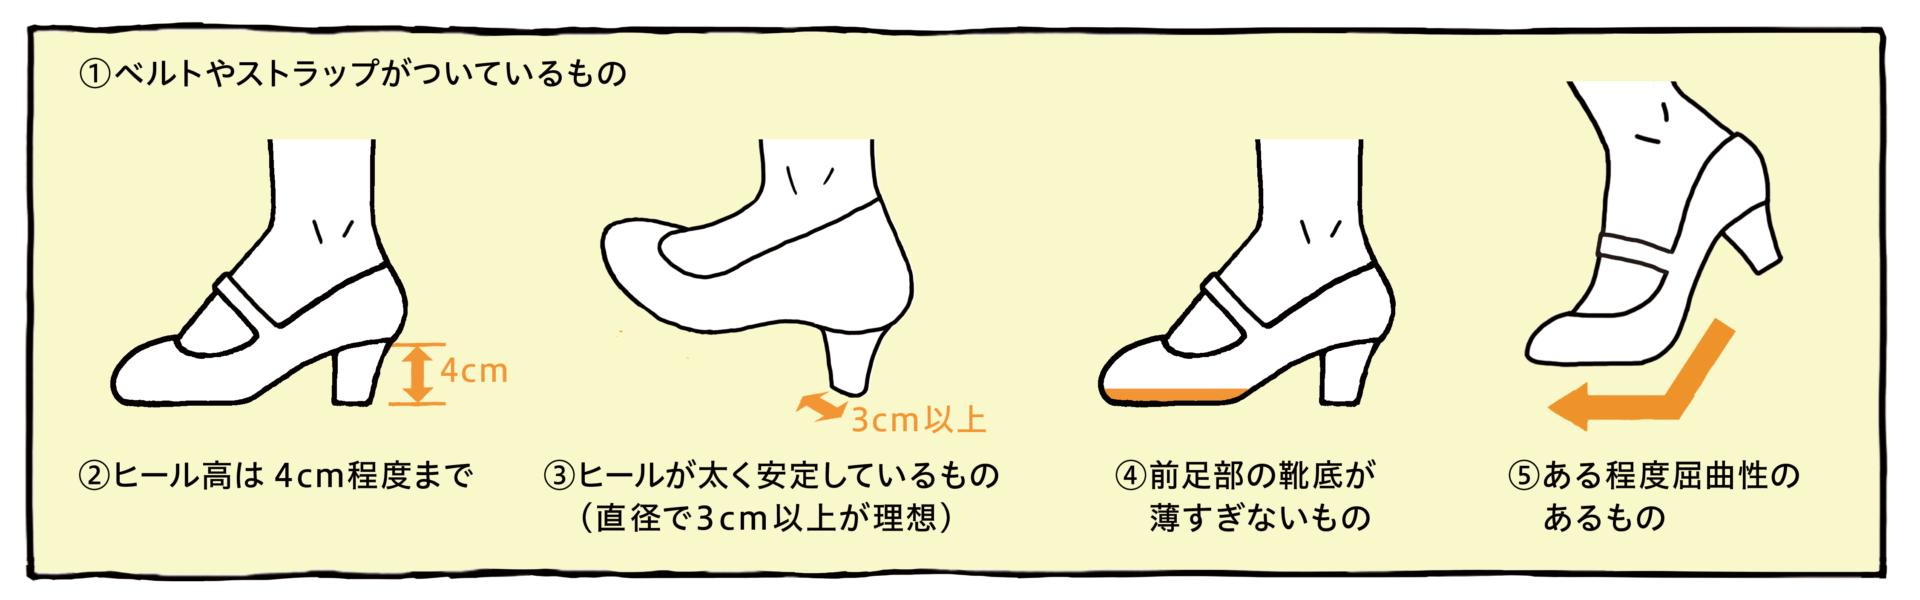 1〜5の図